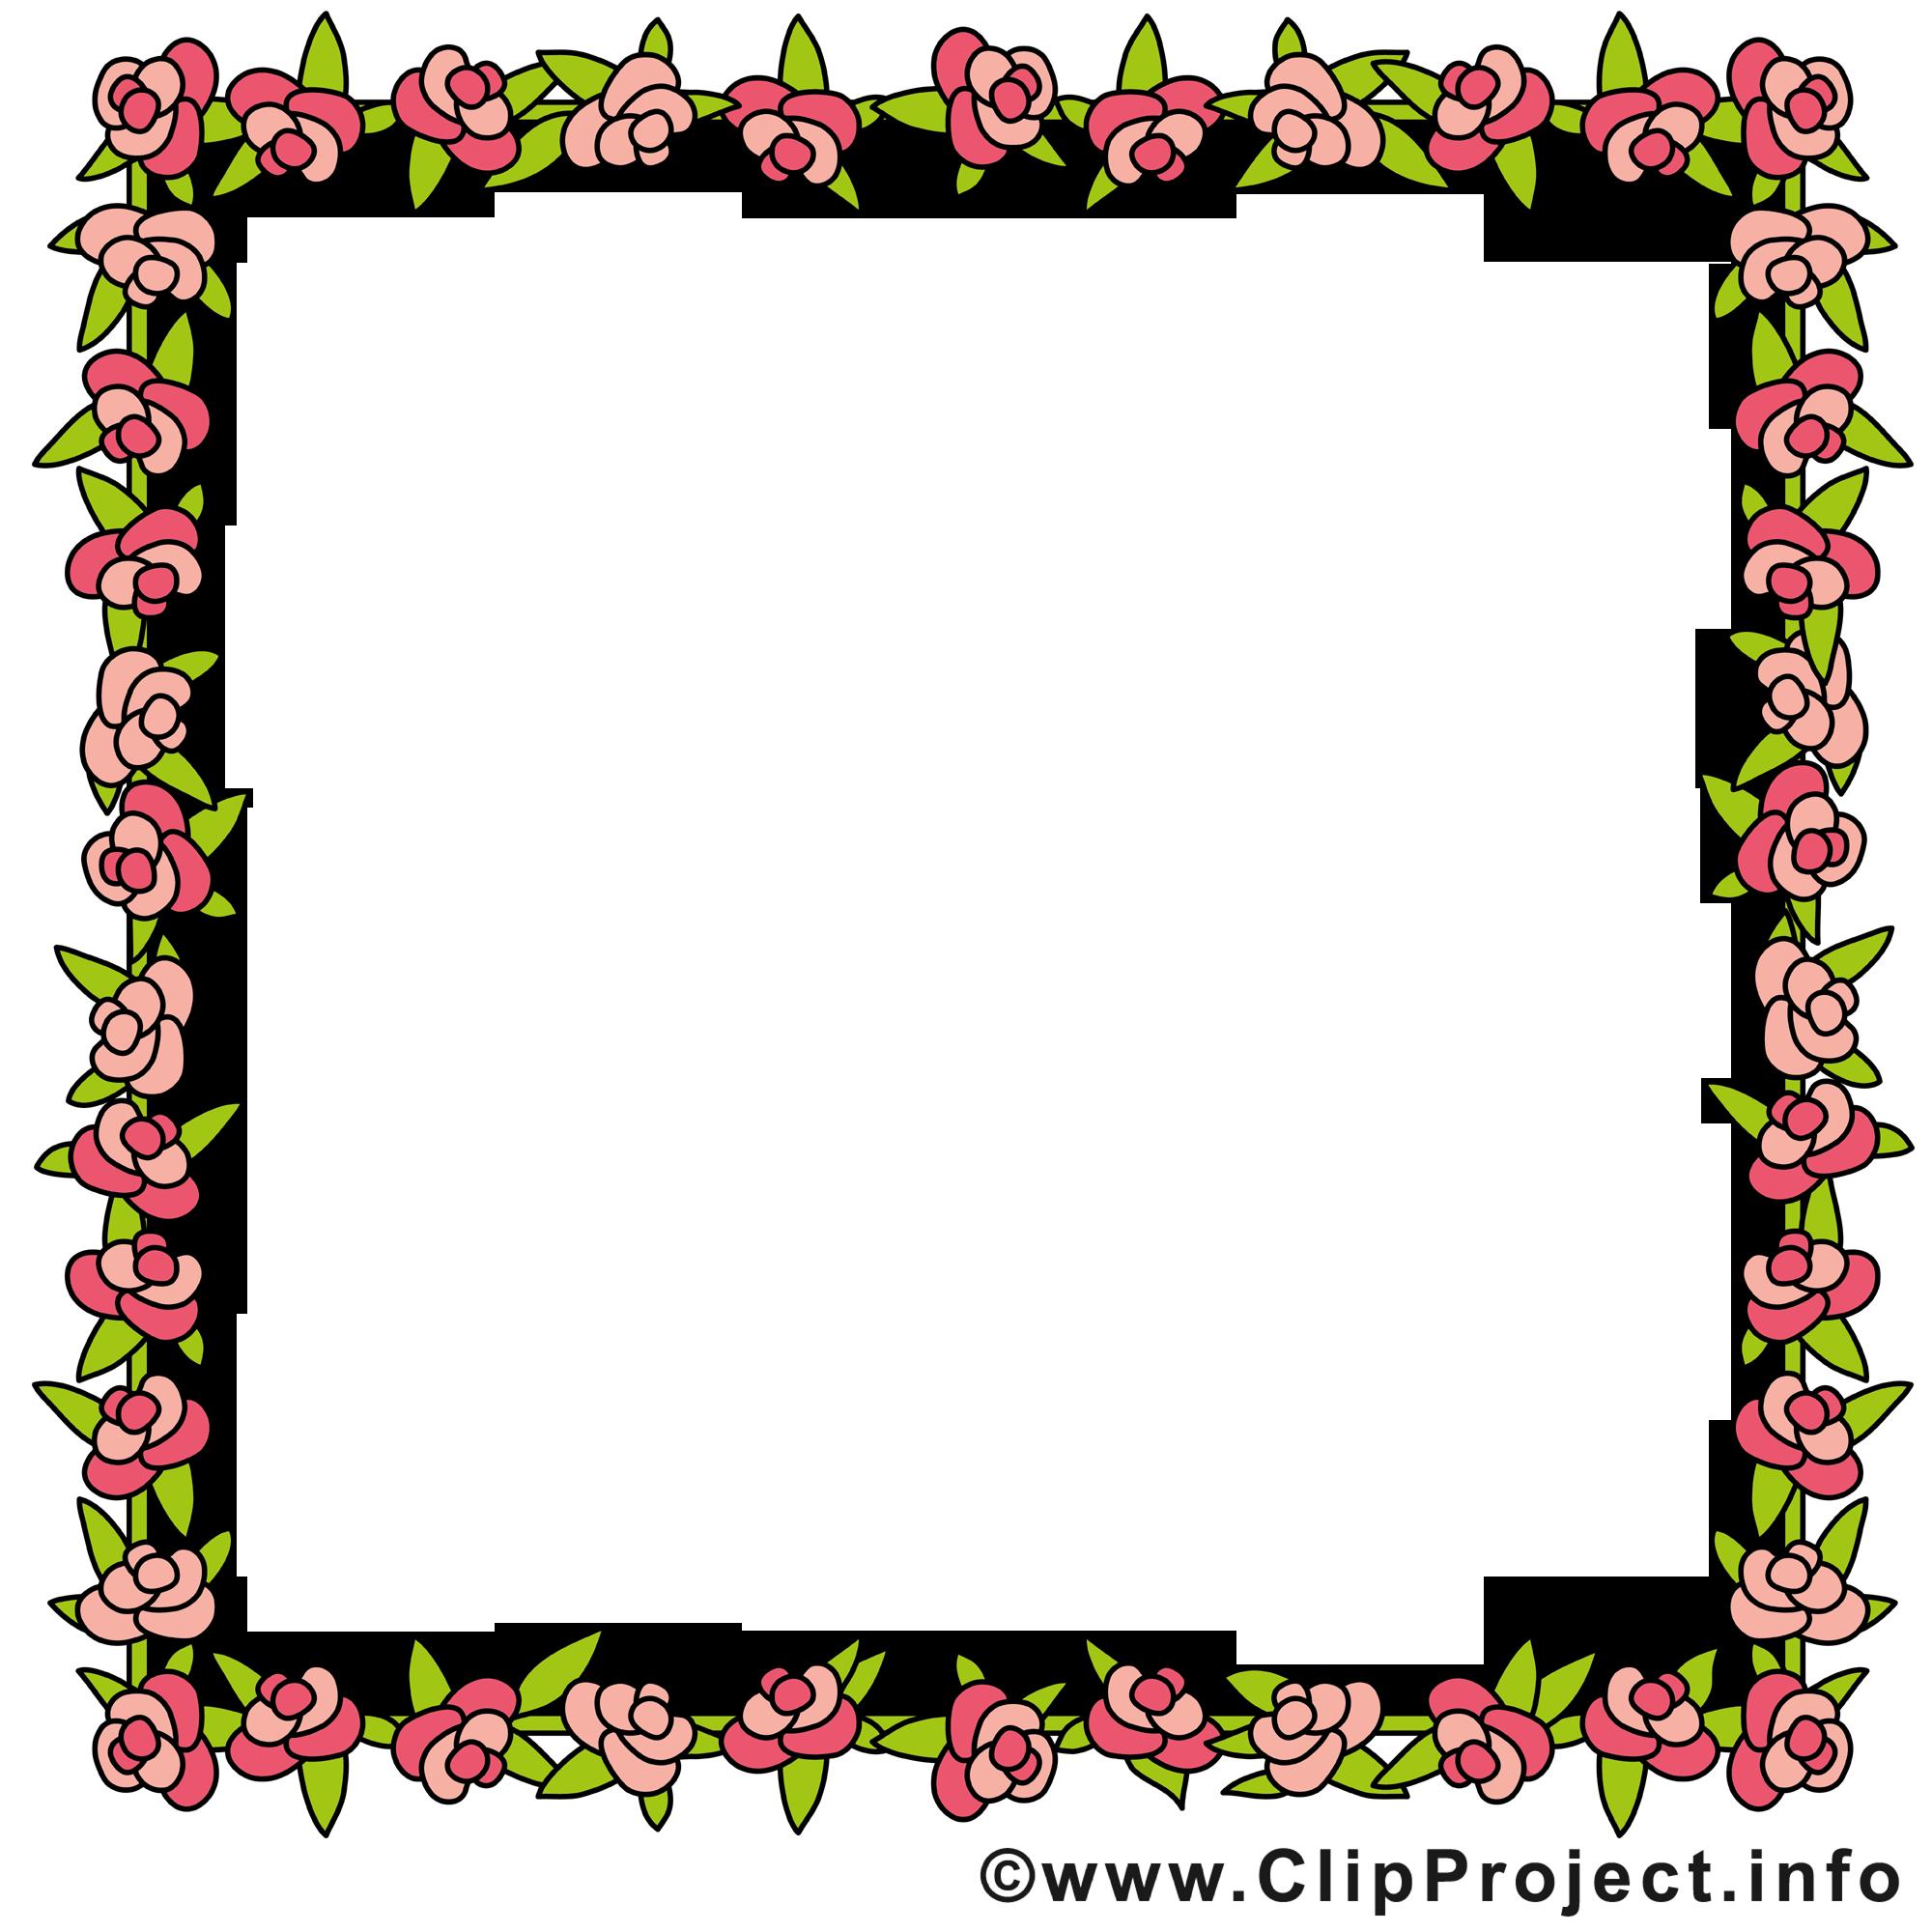 Cliparts geburtstag zum ausdrucken picture transparent stock Rahmen Bilder, Cliparts, Cartoons, Grafiken, Illustrationen, Gifs ... picture transparent stock